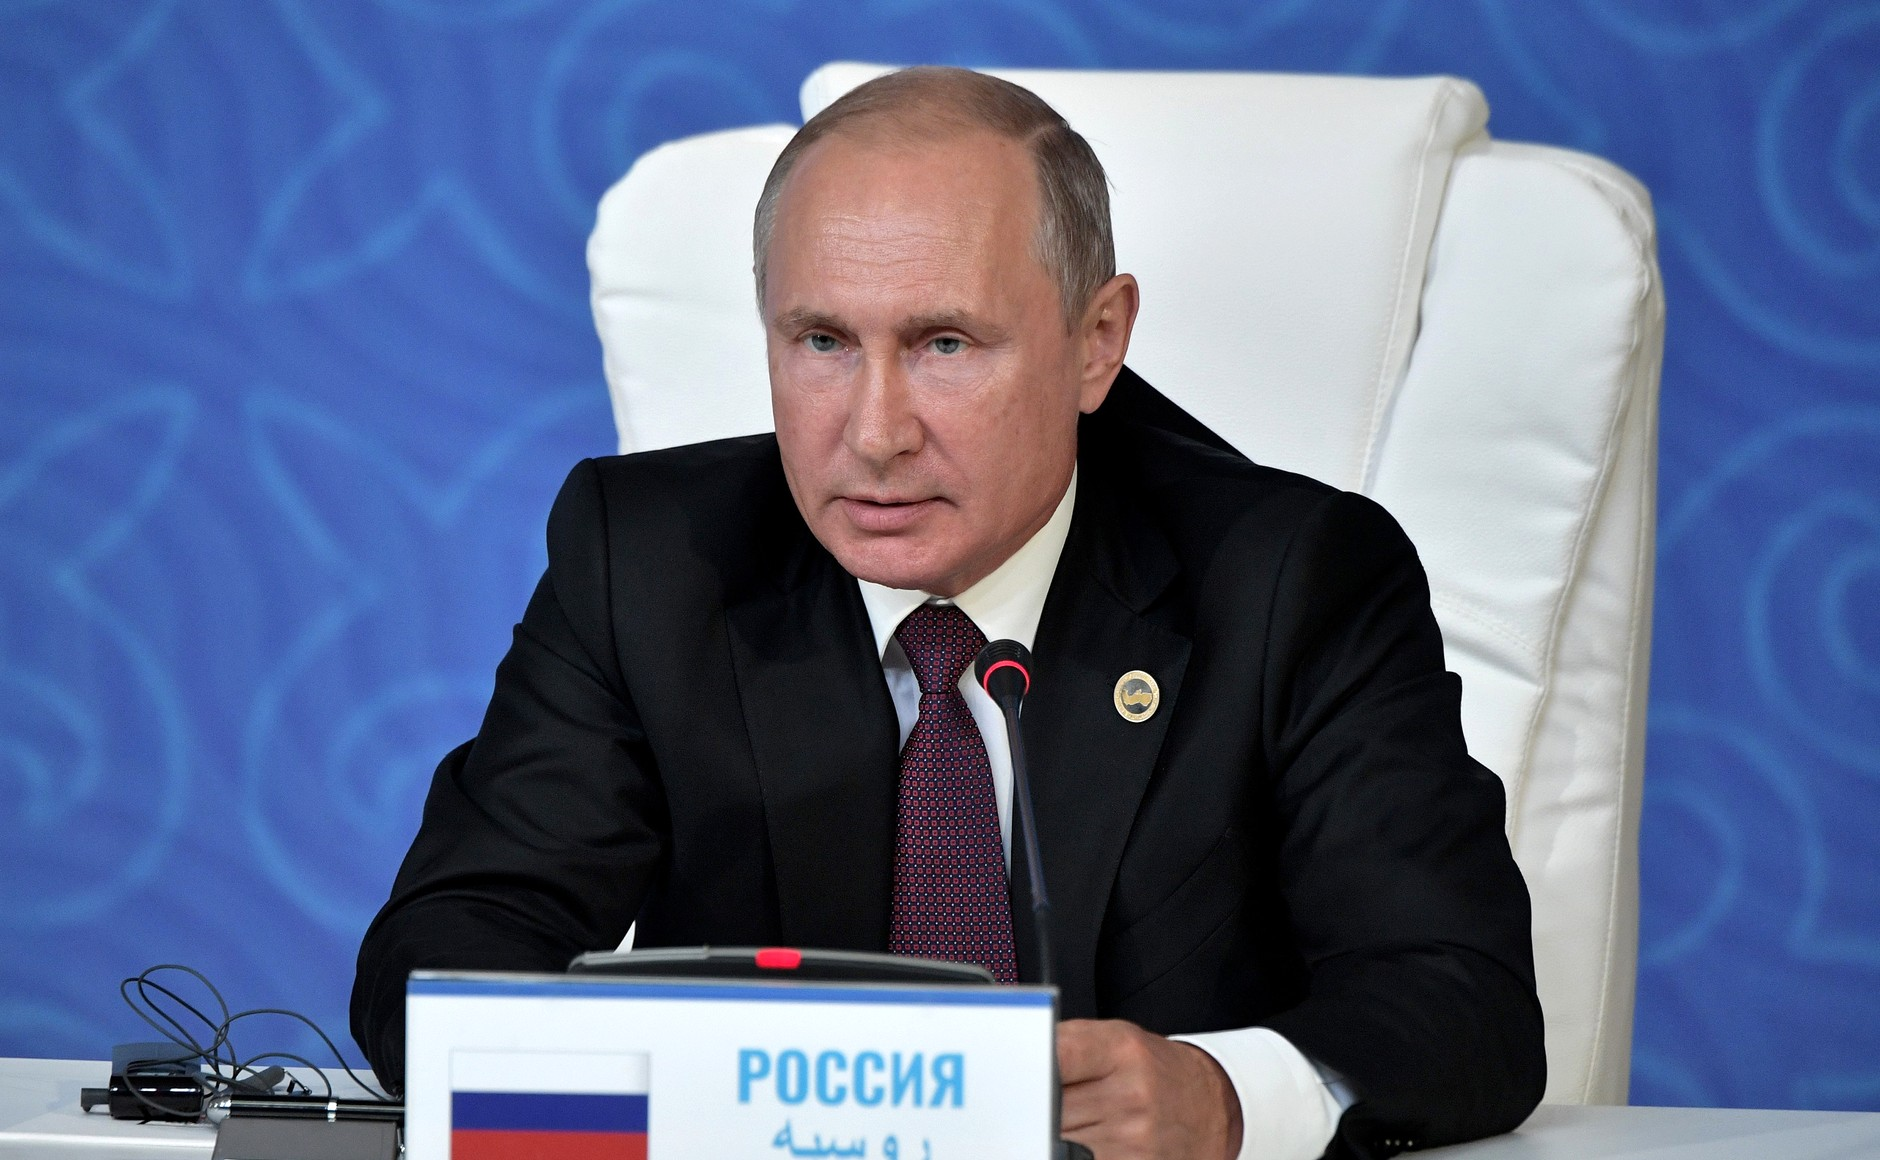 Pericolul nuclear e cât se poate de real! Putin a recunoscut ce arme folosește